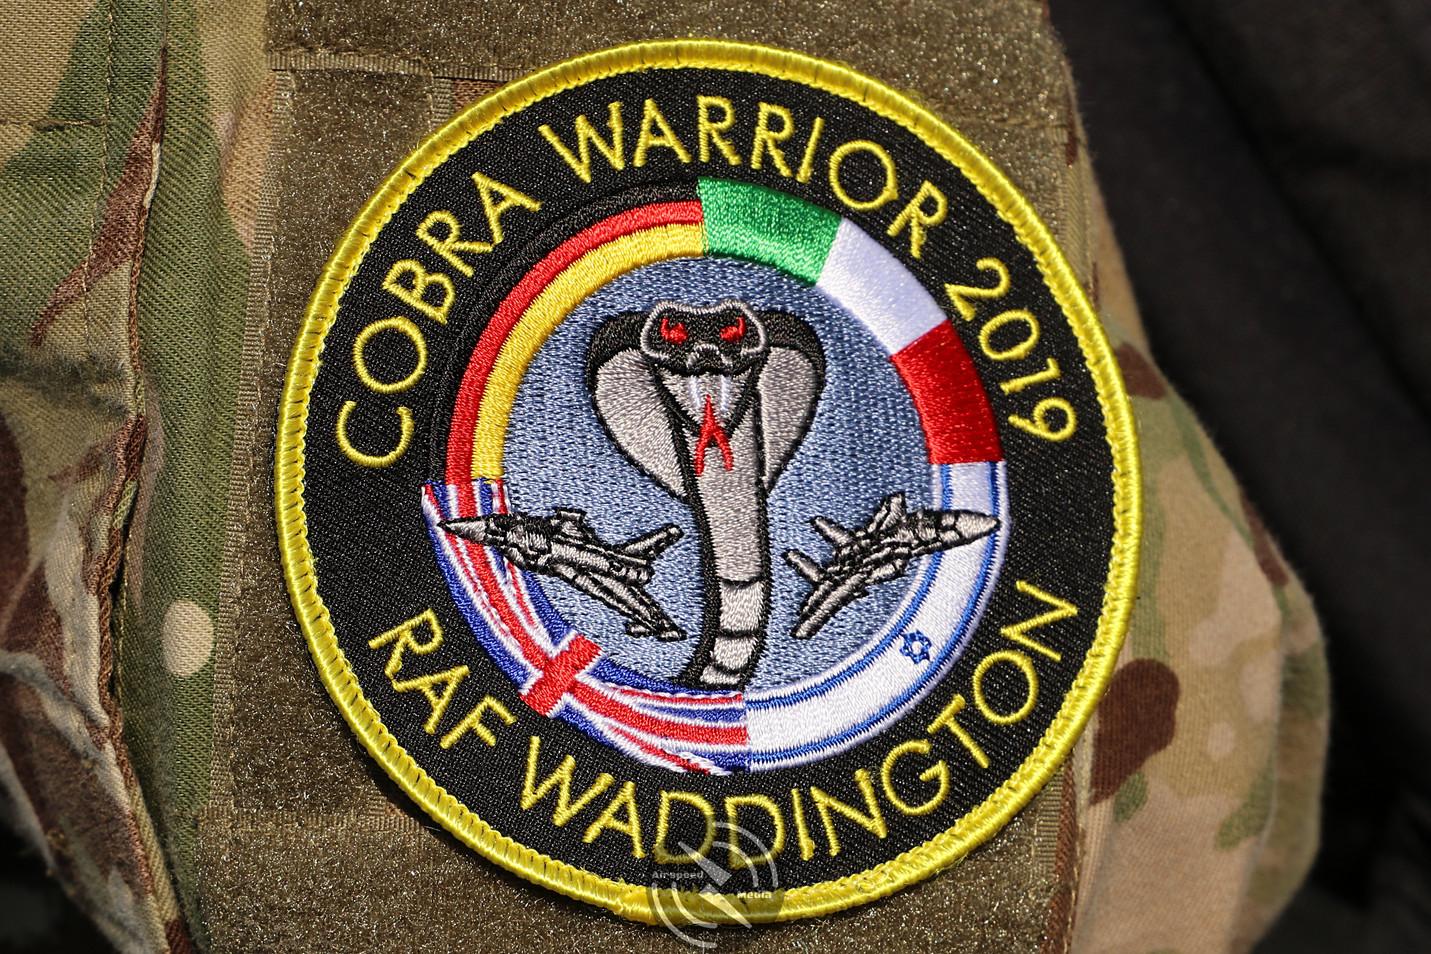 RAF Cobra Warrior patch 2019 (38).JPG